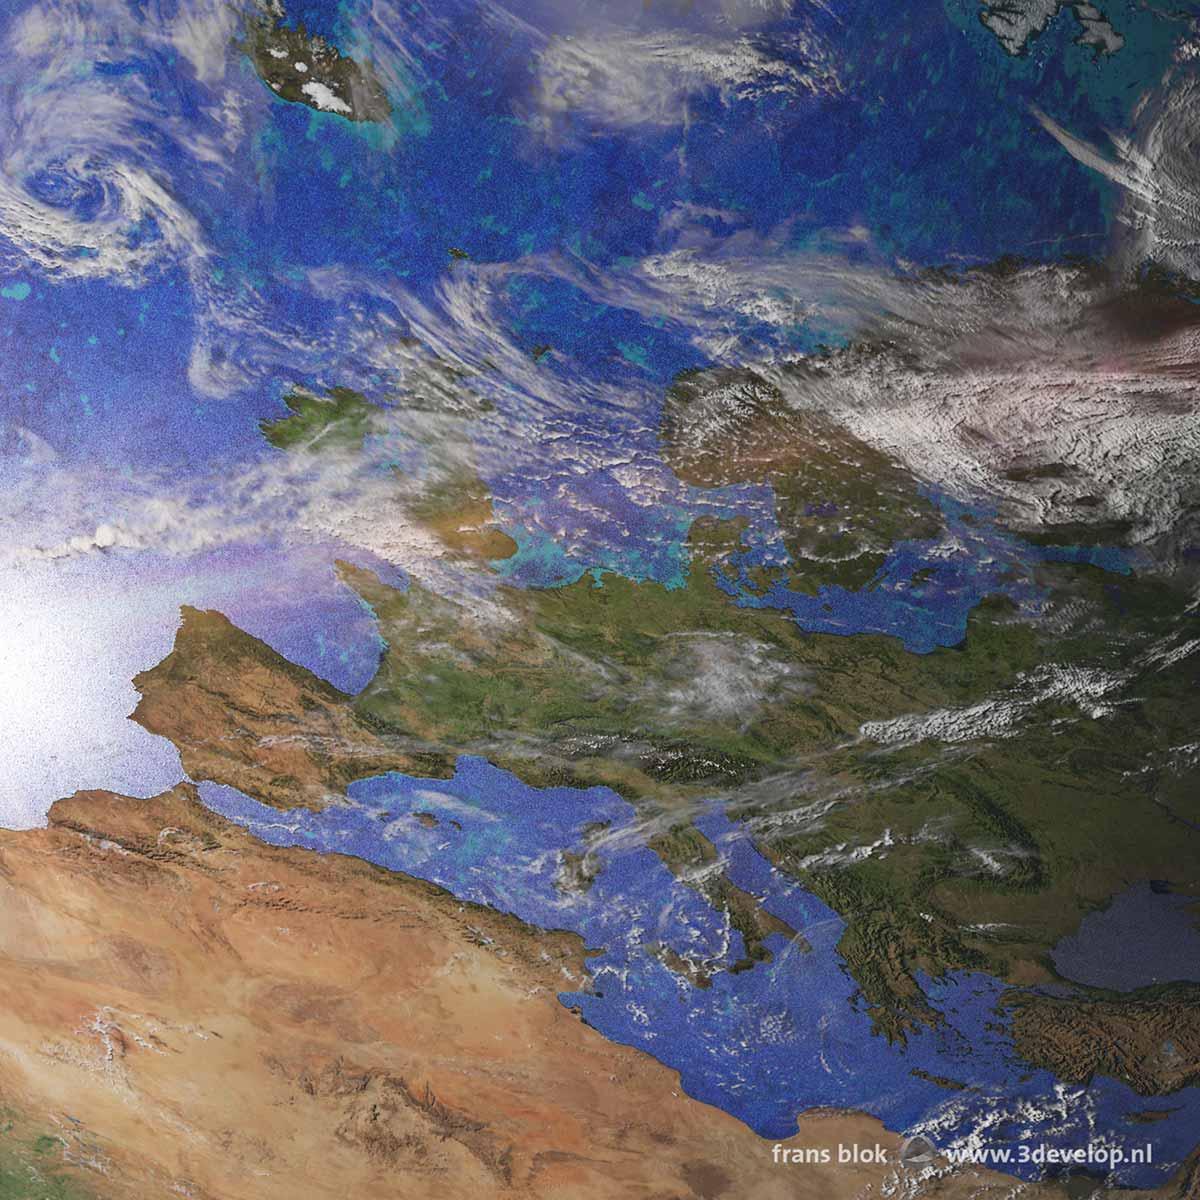 Deel van een satellietbeeld van de Aarde met Europa, Noord-Afrika en de Atlantische Oceaan.